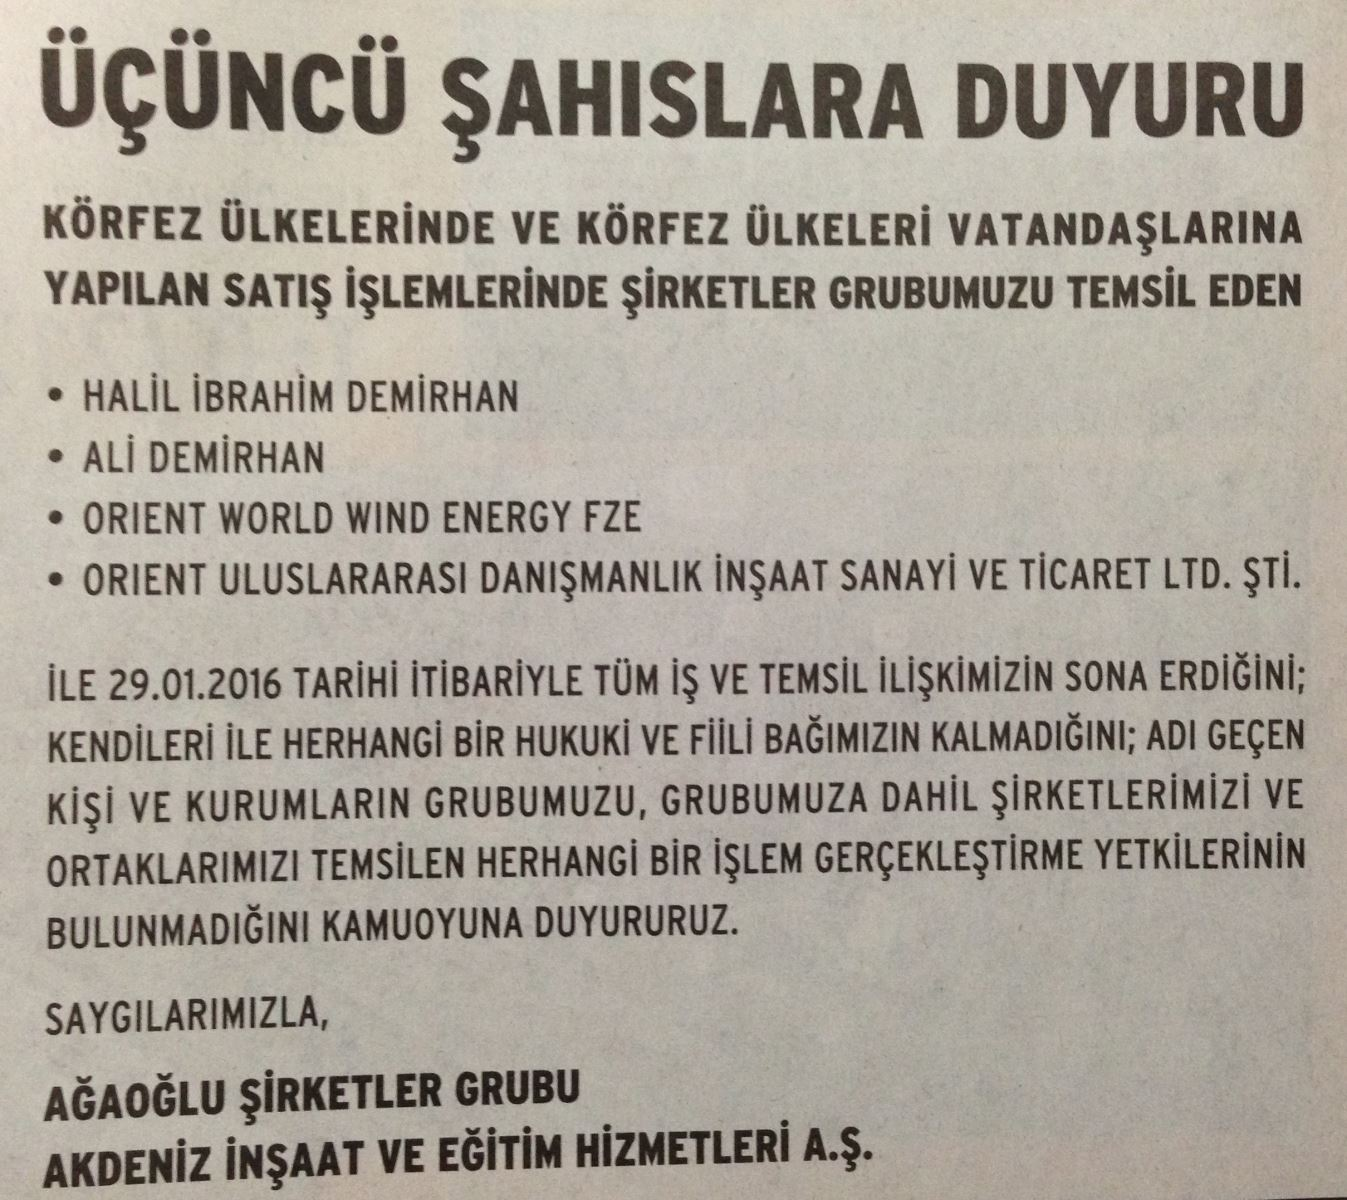 Yapı Kredi Bankası: Ahmet Kuralla iş birliğimize devam etmeyeceğiz